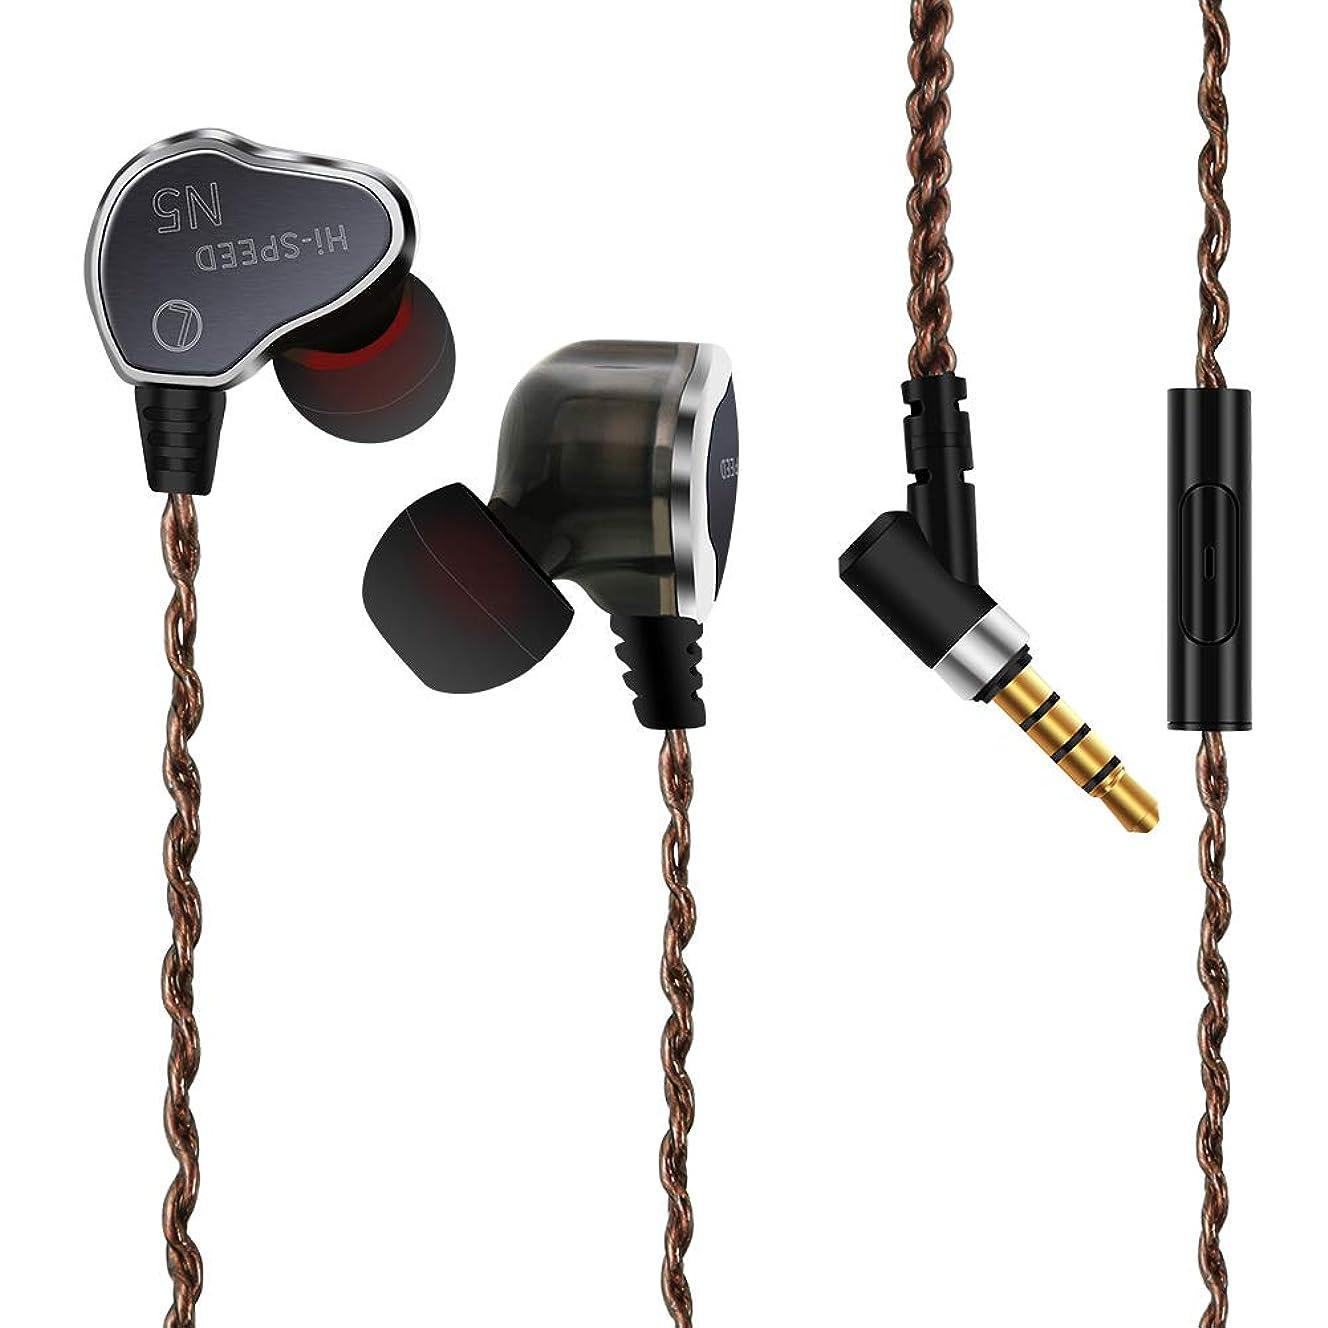 精査するパトロール殺人POBO イヤホン デュアルドライバー ハイレゾ高音質 ステレオ音声 マイク付き ワンボタン設計 収納ケース付き 3.5mmプラグ Android/iPhone/PC多機種対応 インイヤーイヤホン (グレー)